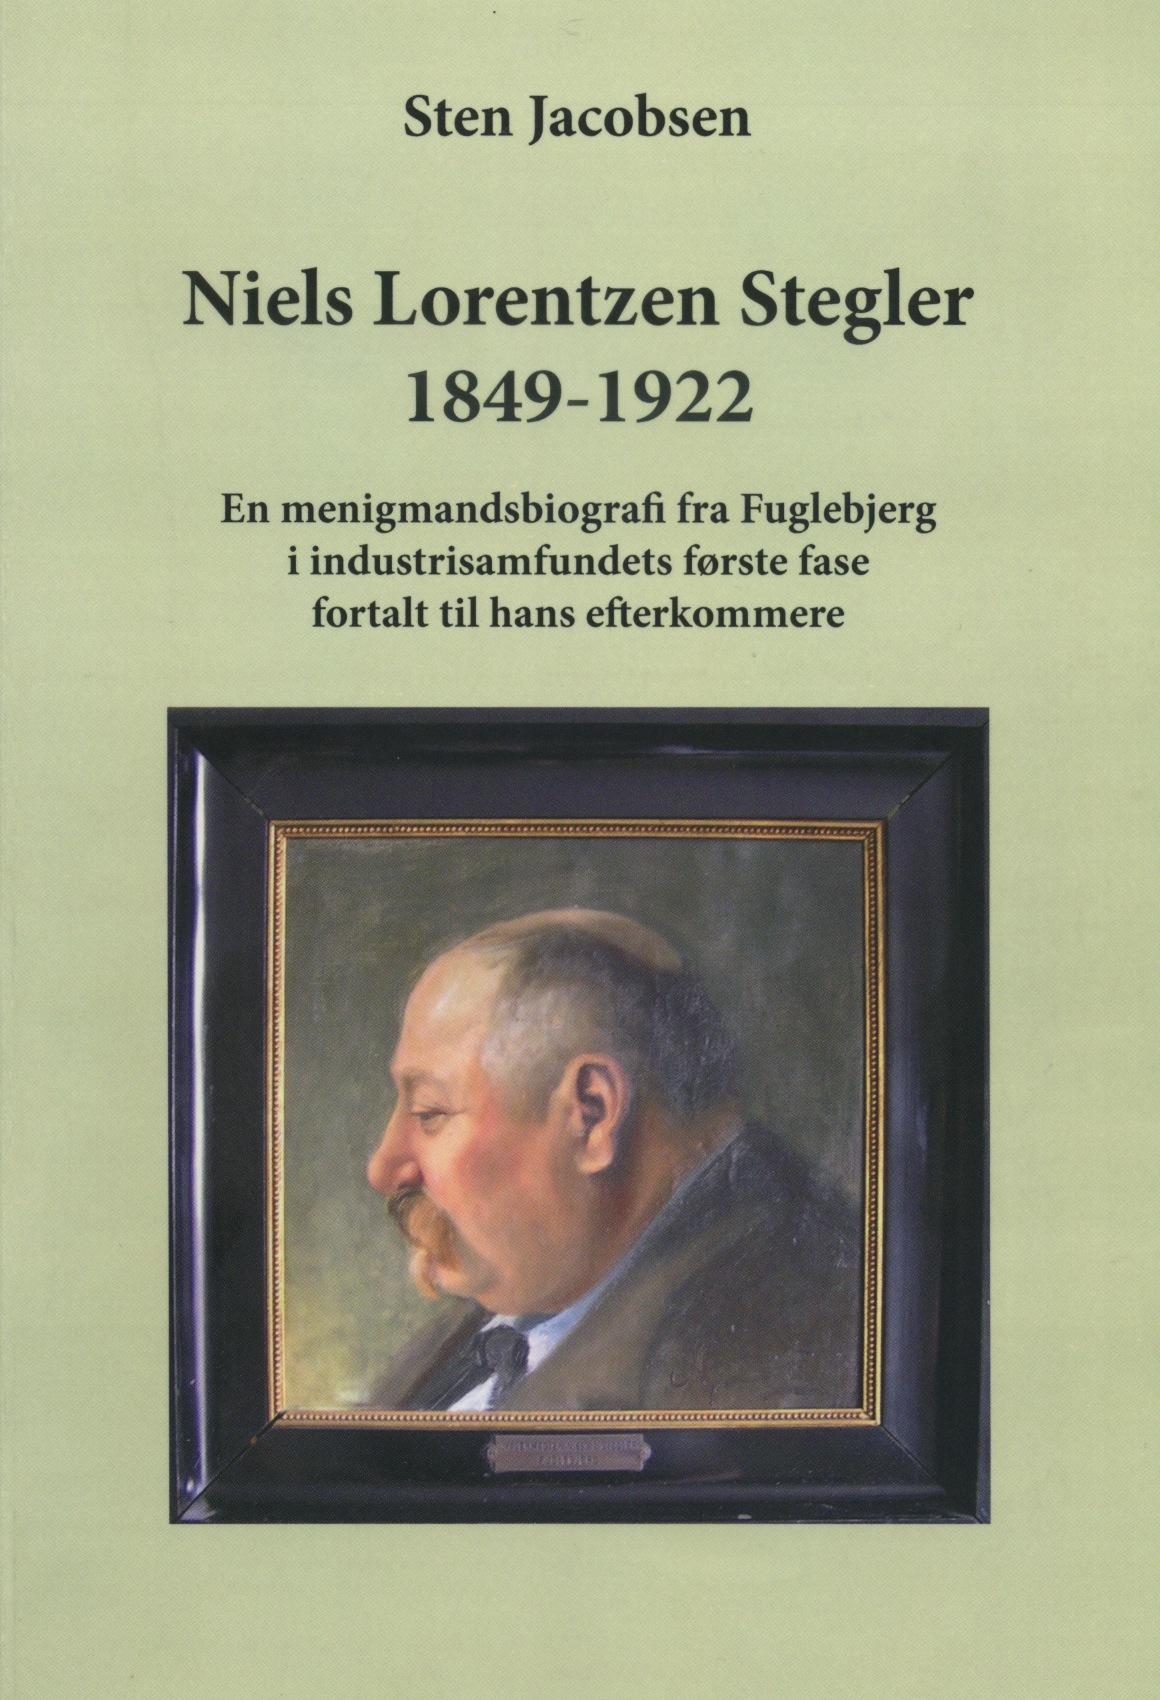 Forsidebillede N.L. Stegler